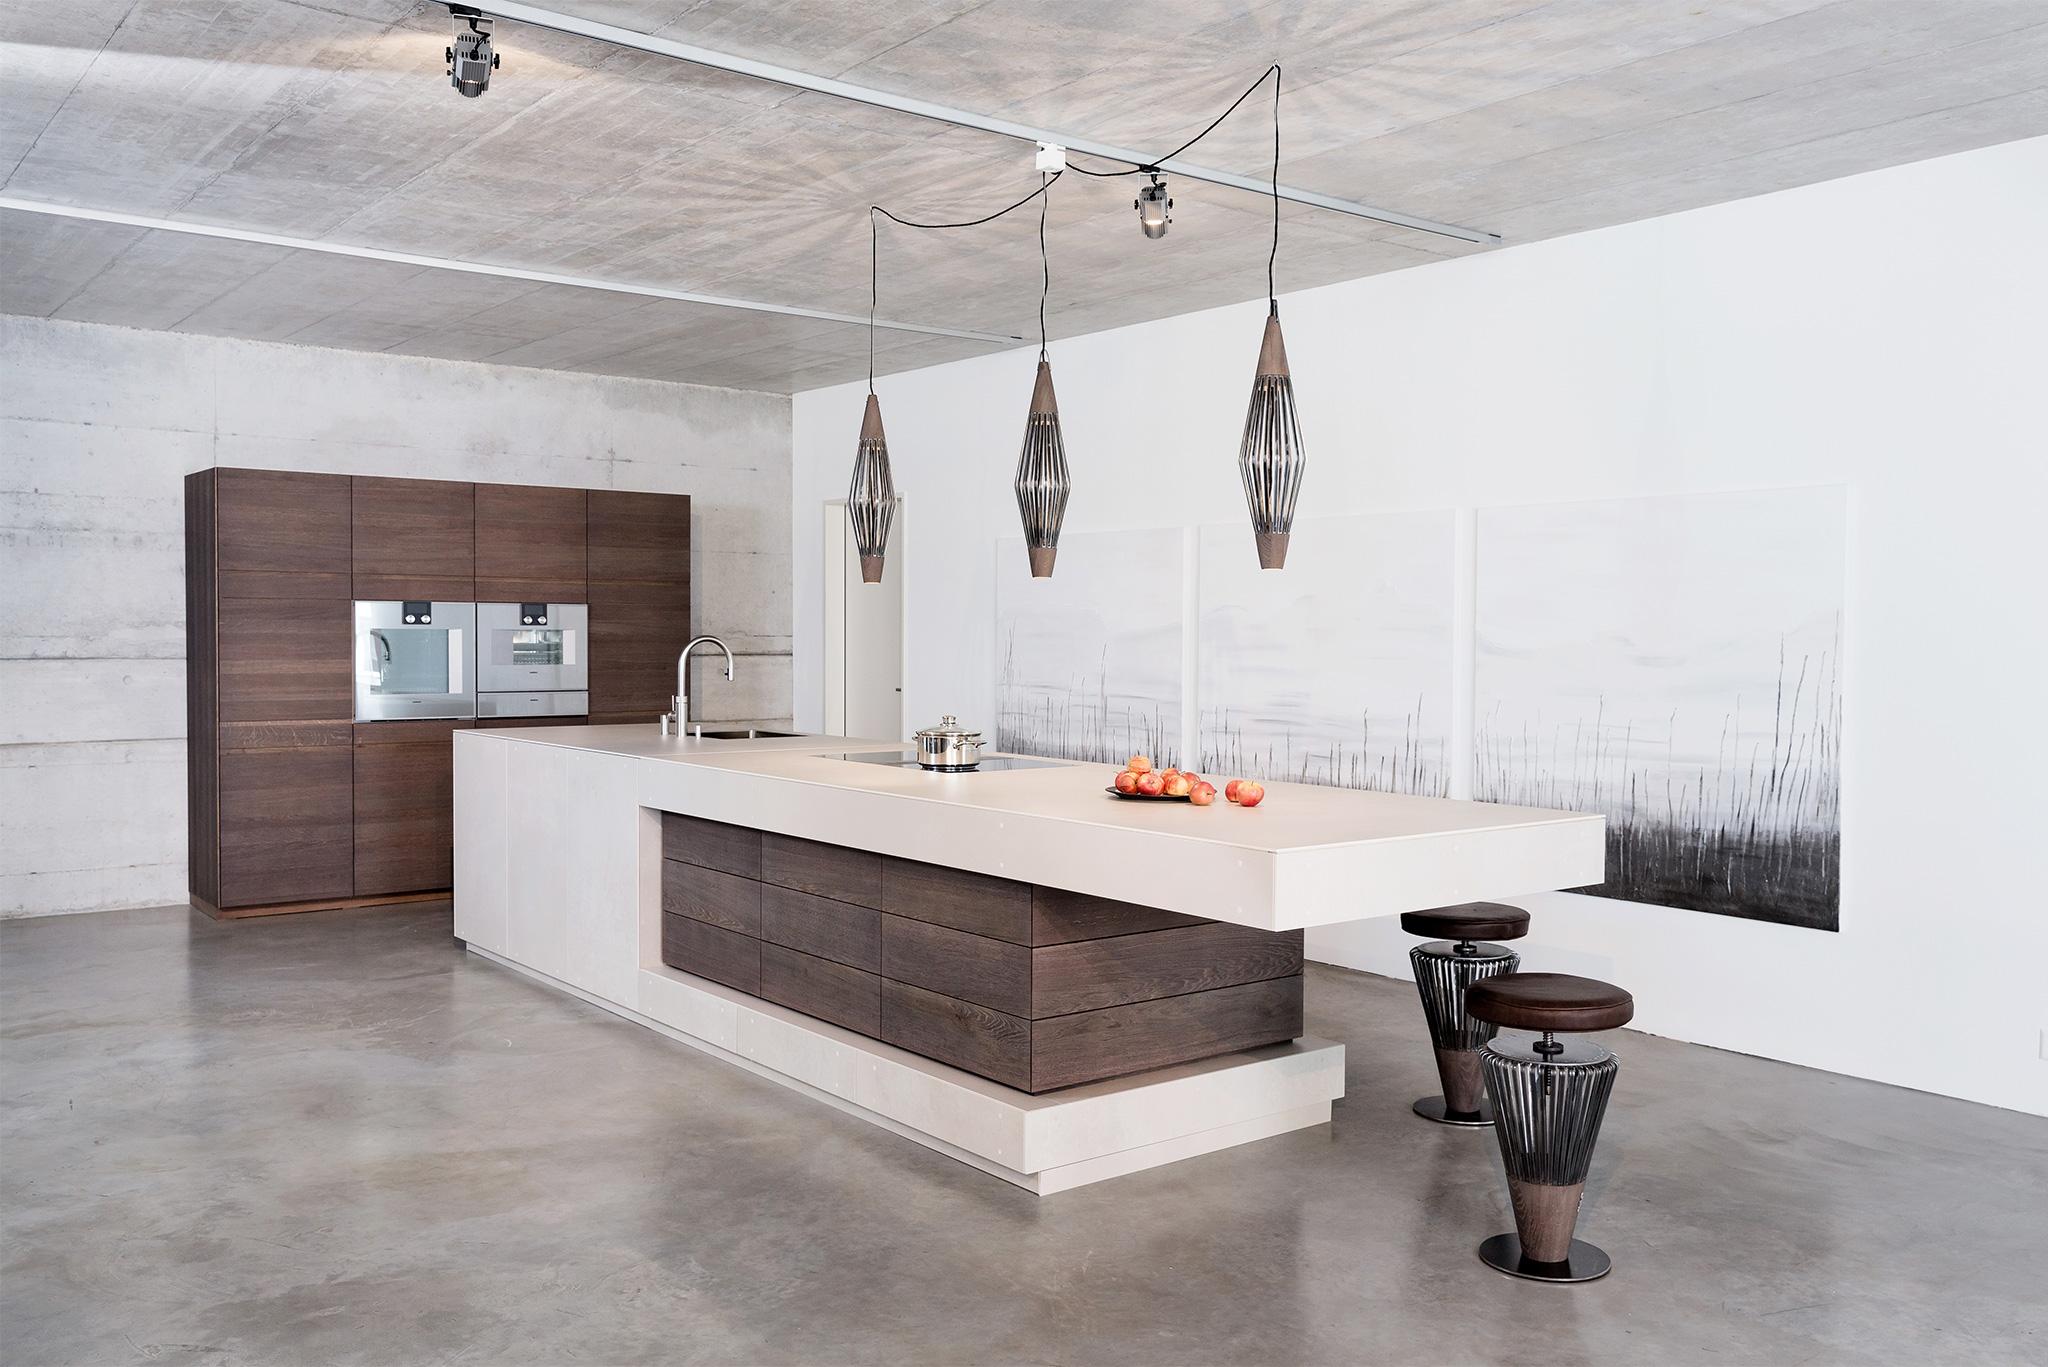 Groß Fusion 20 20 Küche Design Software Kostenlos Herunterladen ...